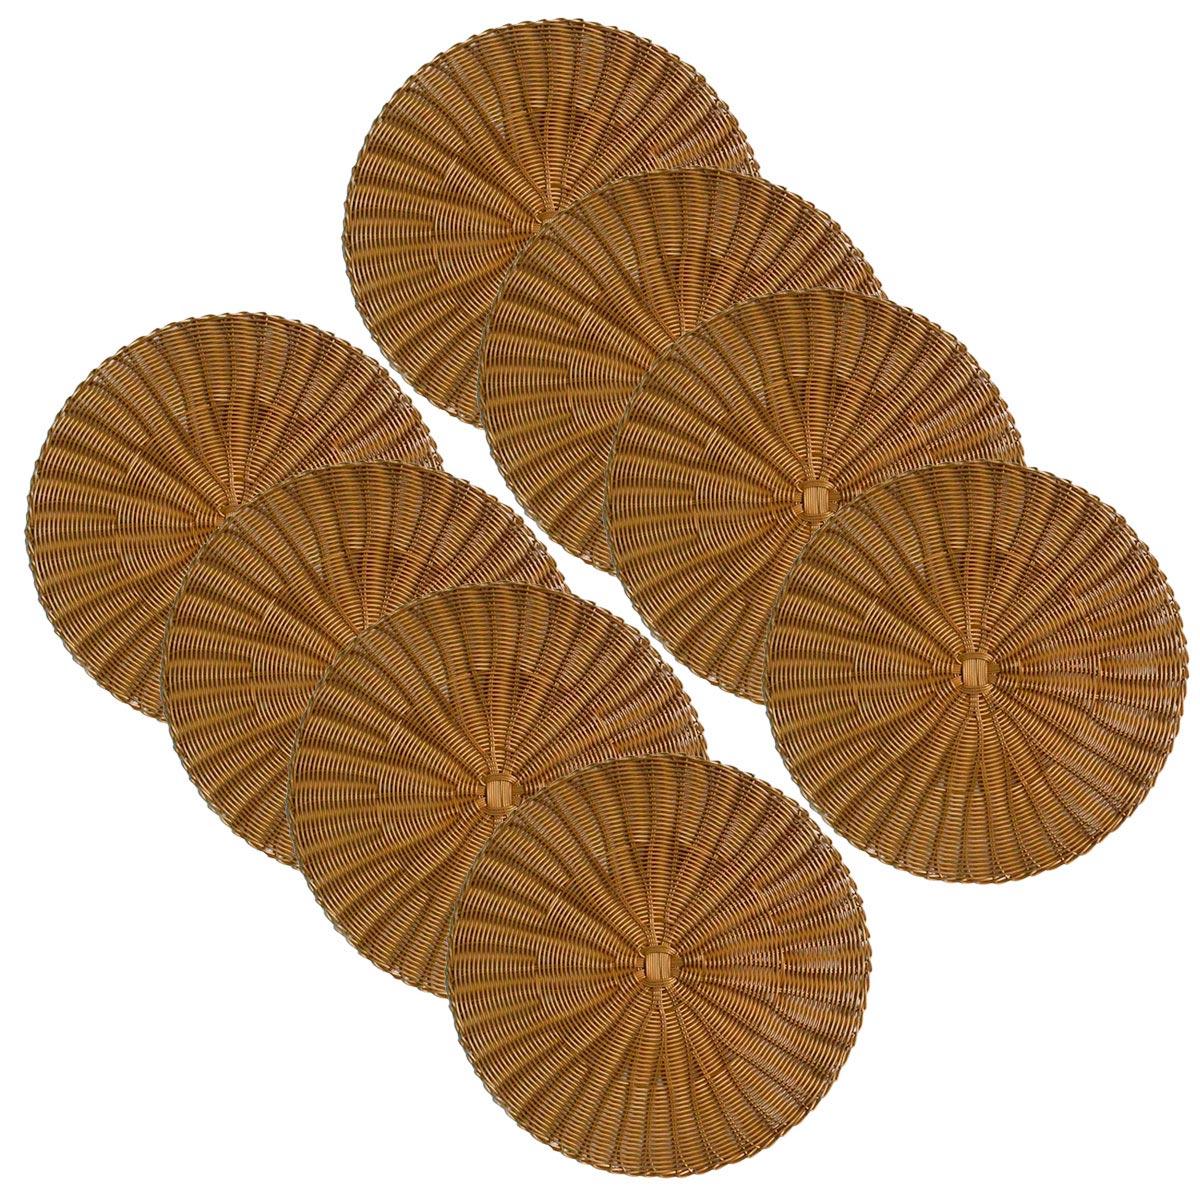 Jogo 8 Sousplats de Plástico Dourado   - Lemis